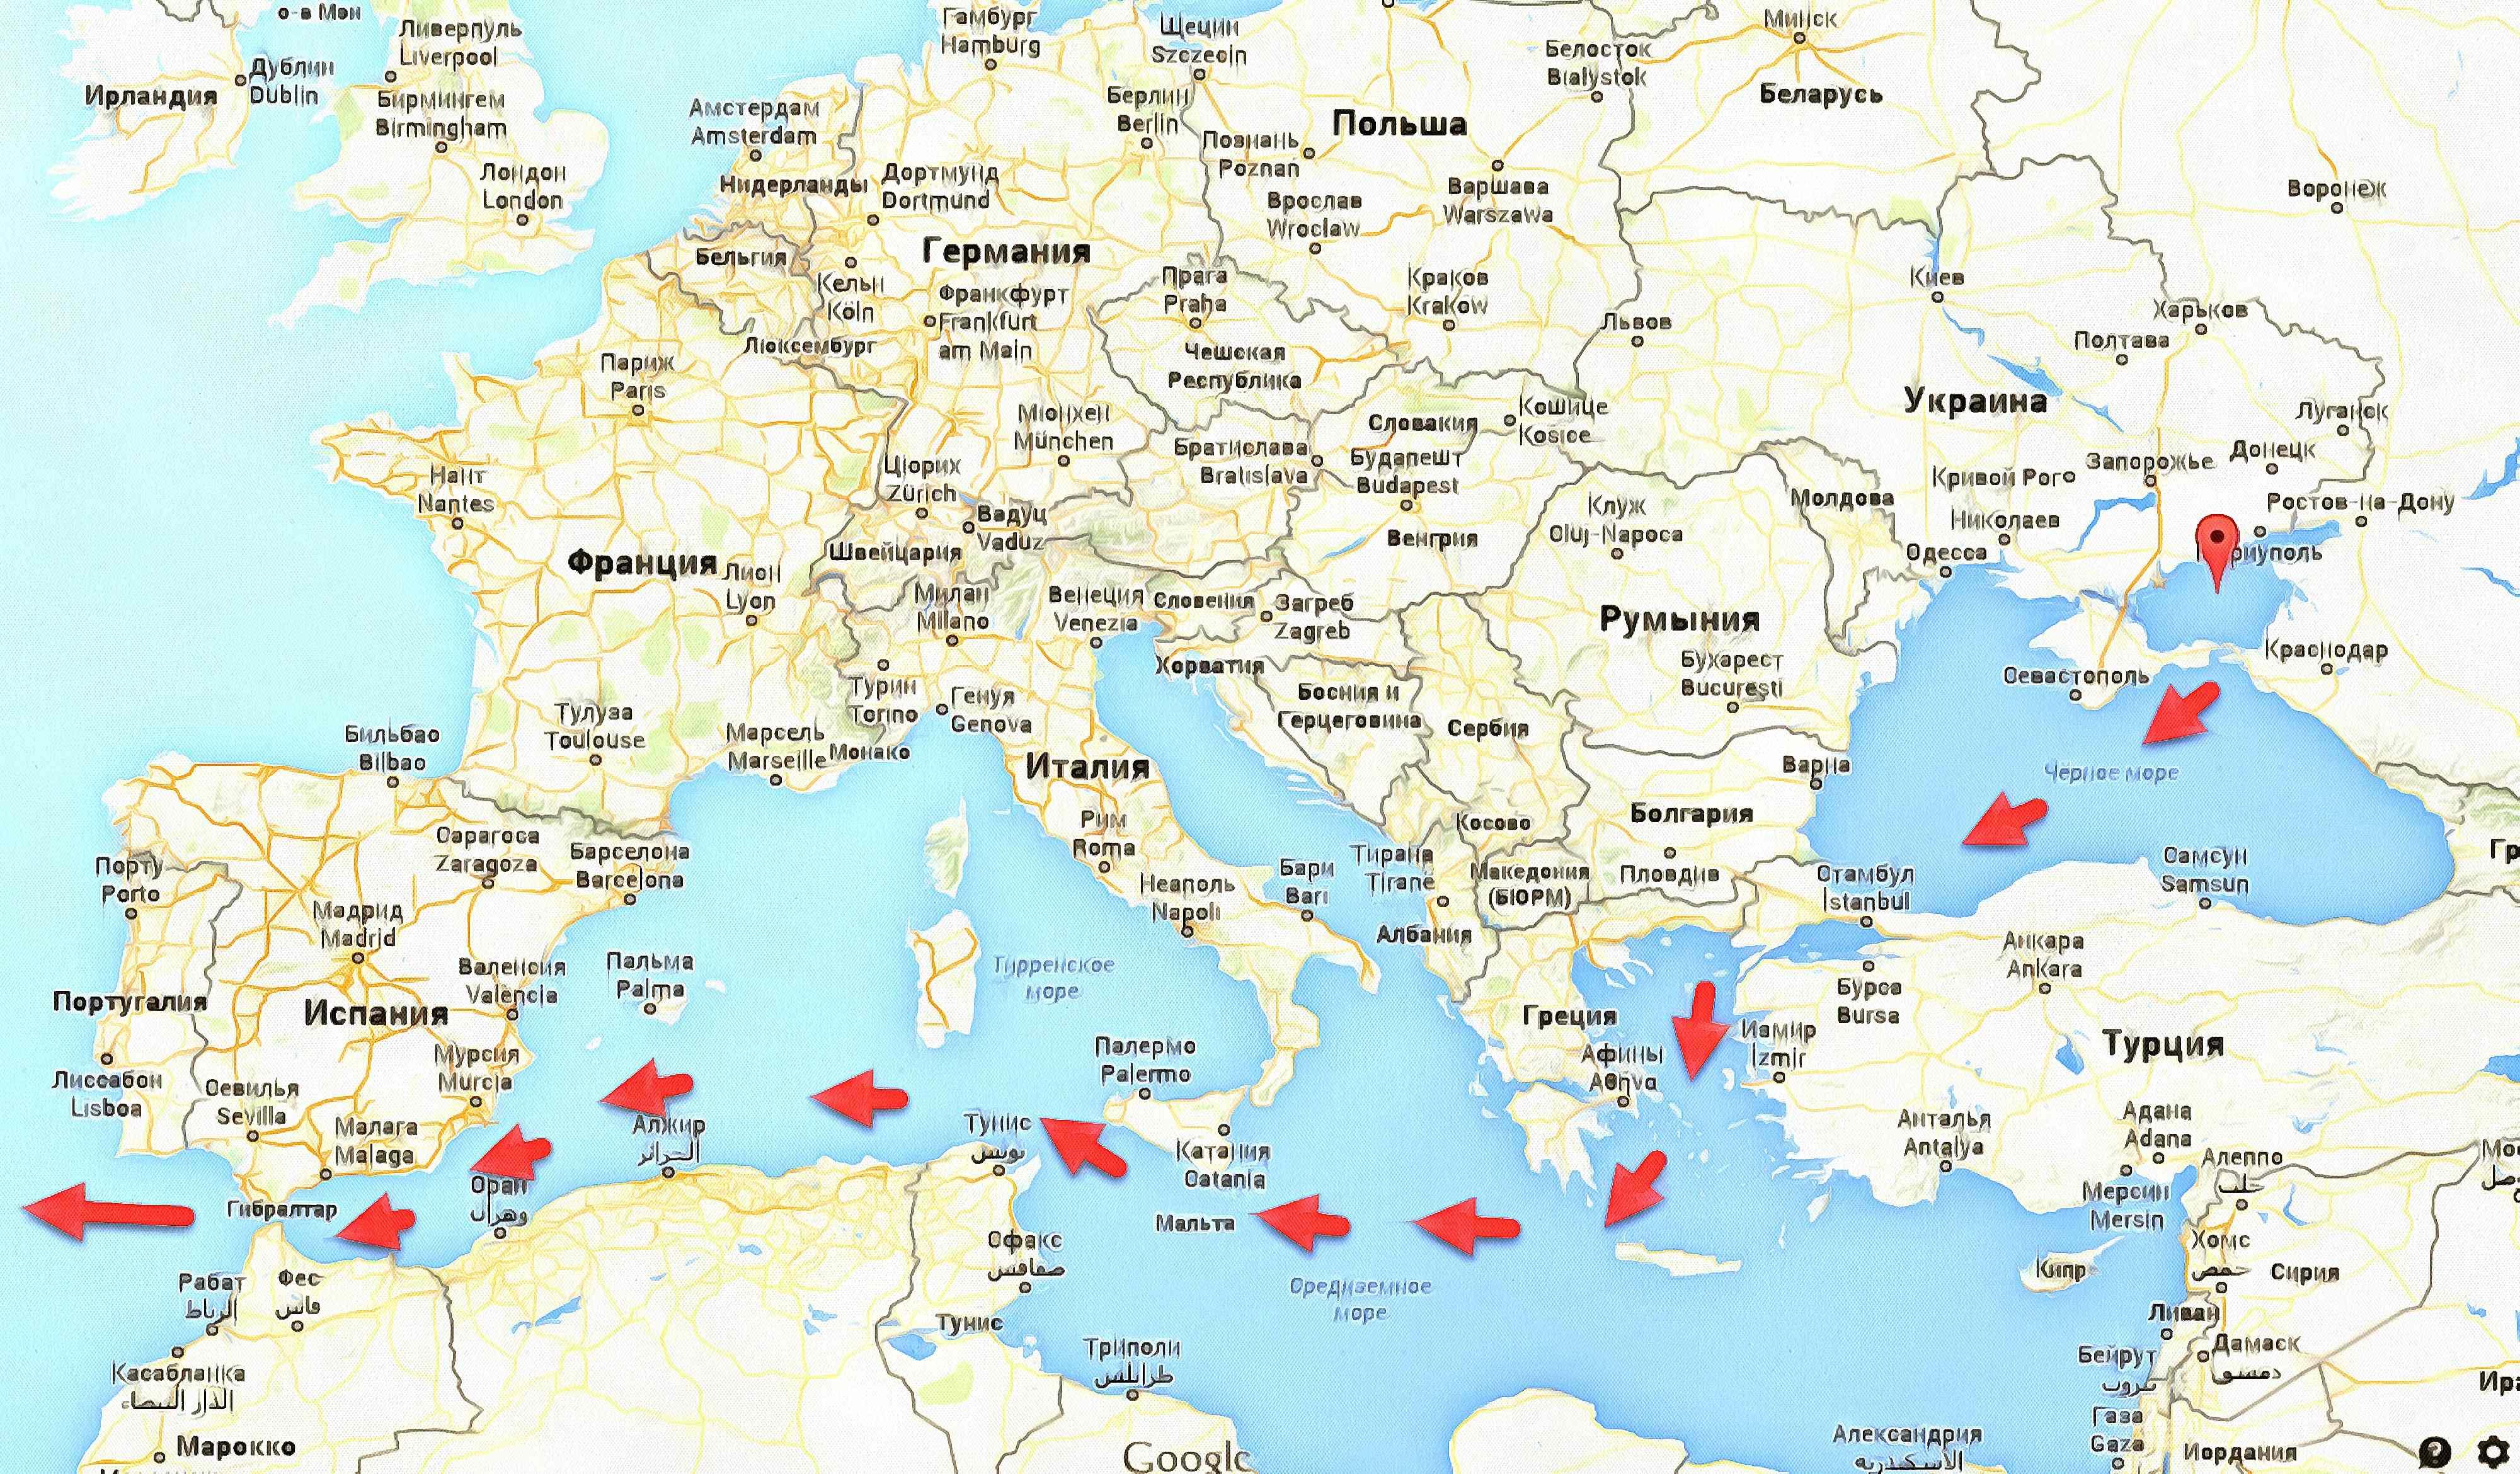 Карра пролвв чернова моря